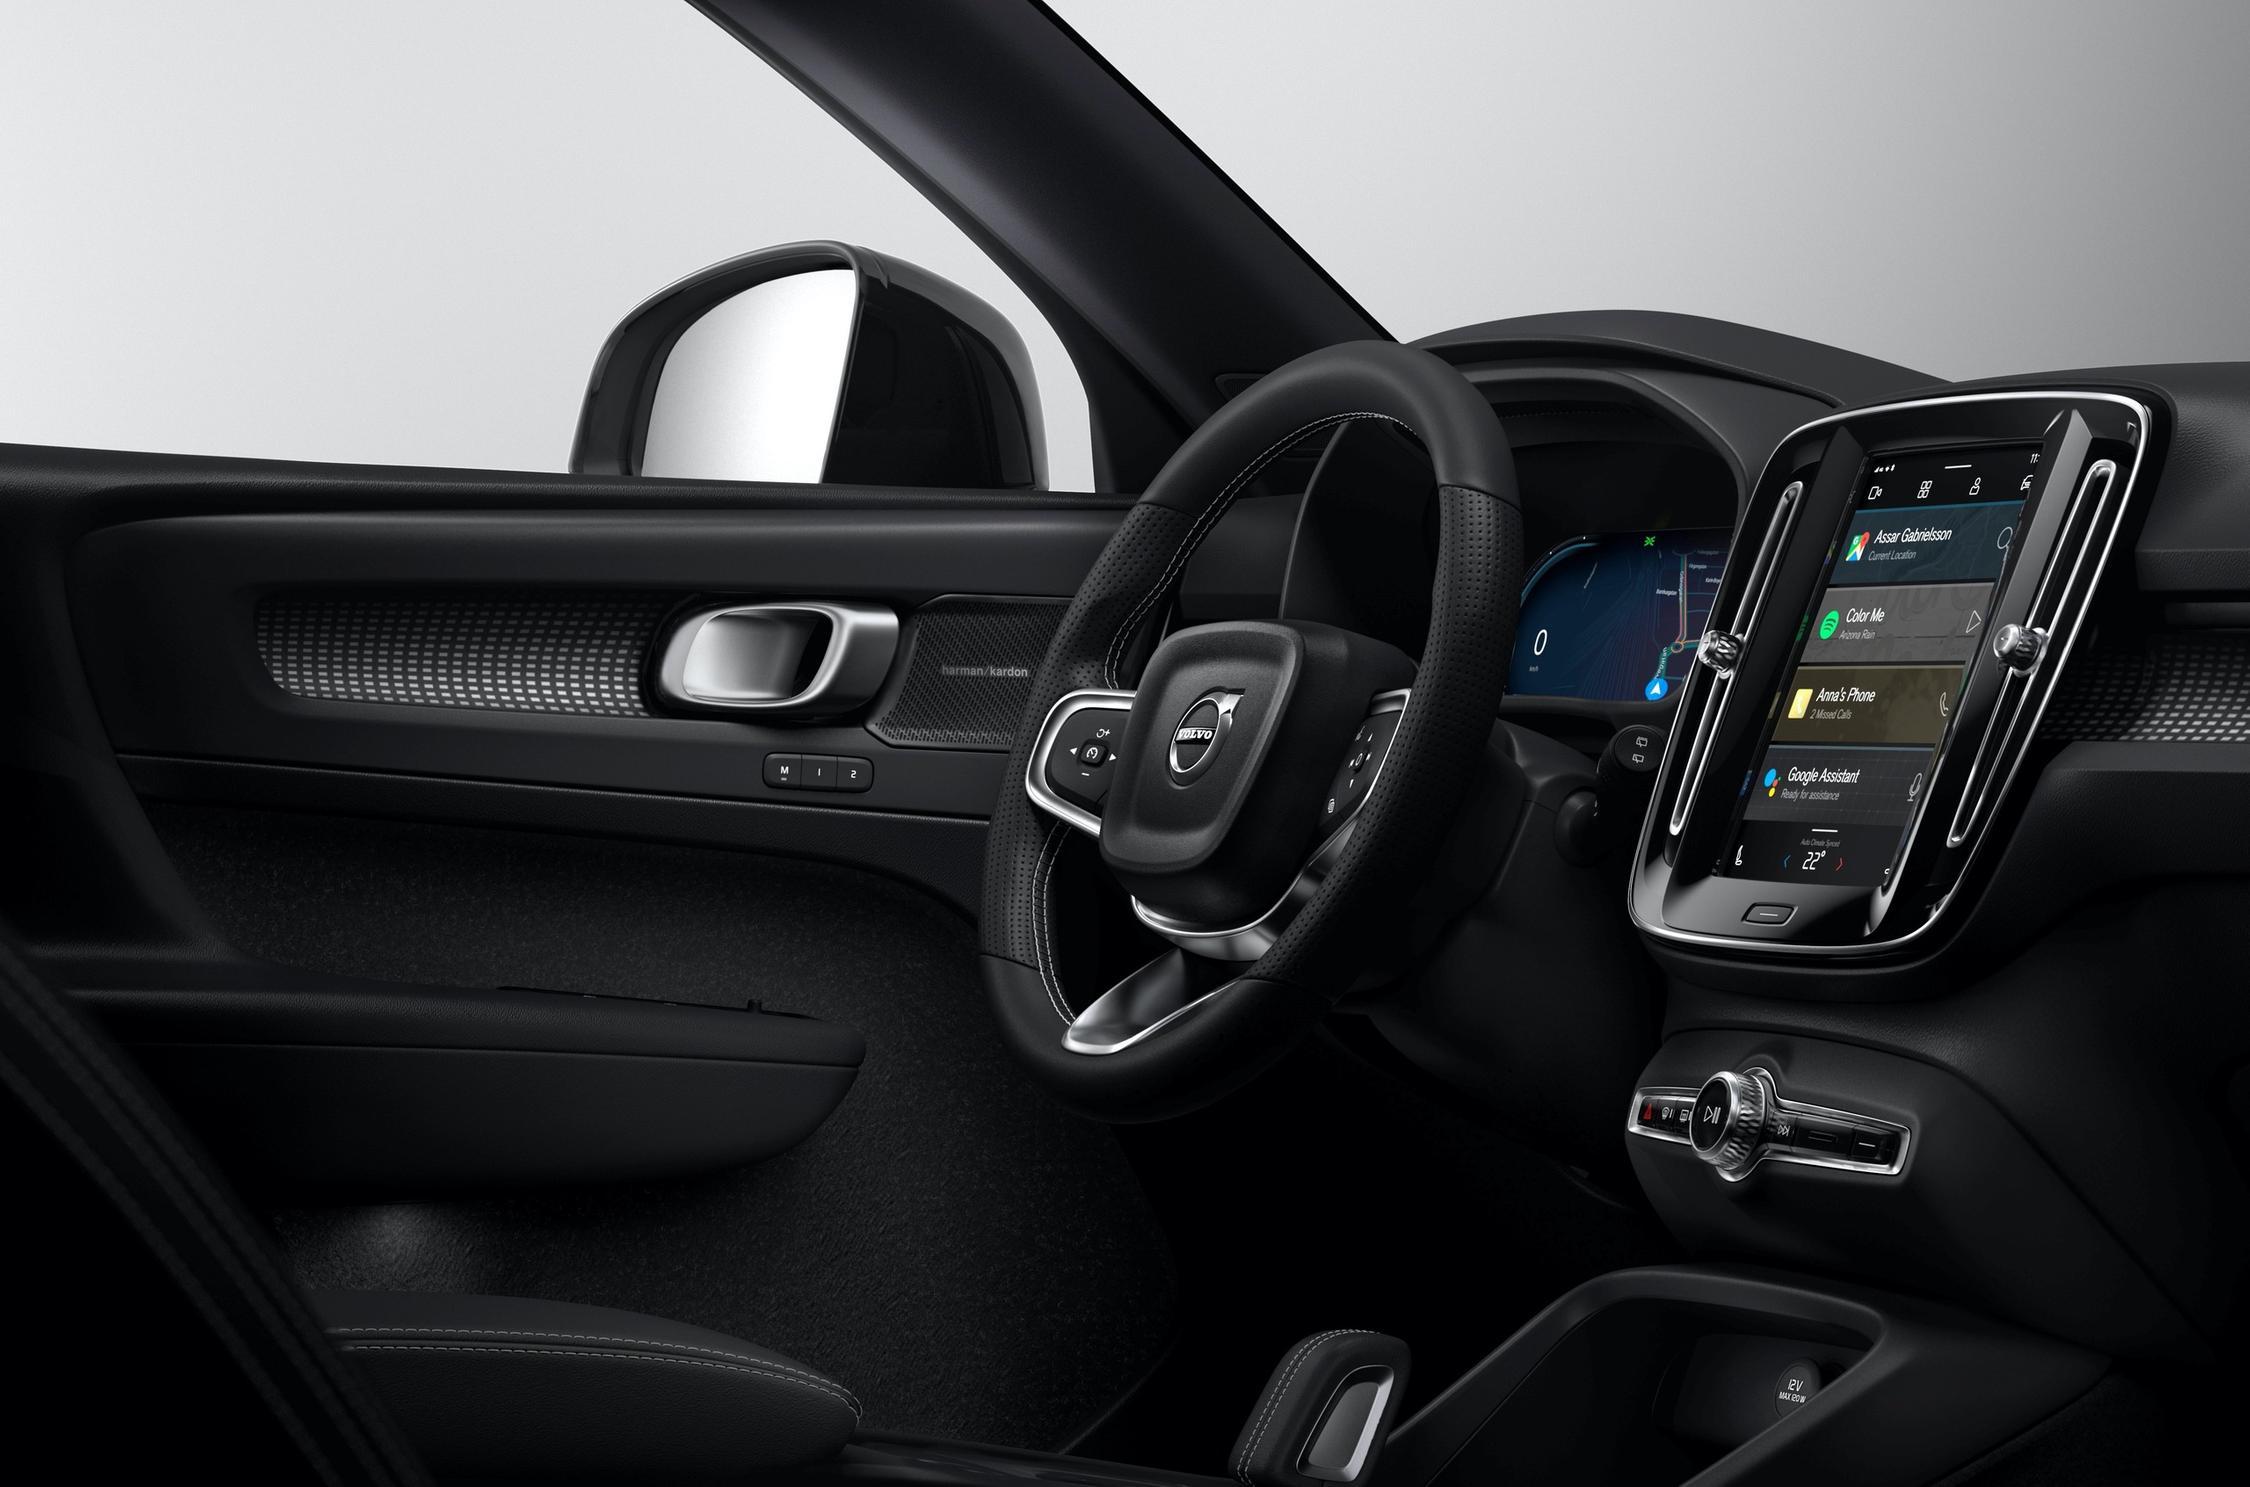 Компания «Вольво» раскрыла очередную порцию данных о Volvo XC40 на электротяге. На этот раз речь идет об информационно-развлекательном комплексе.